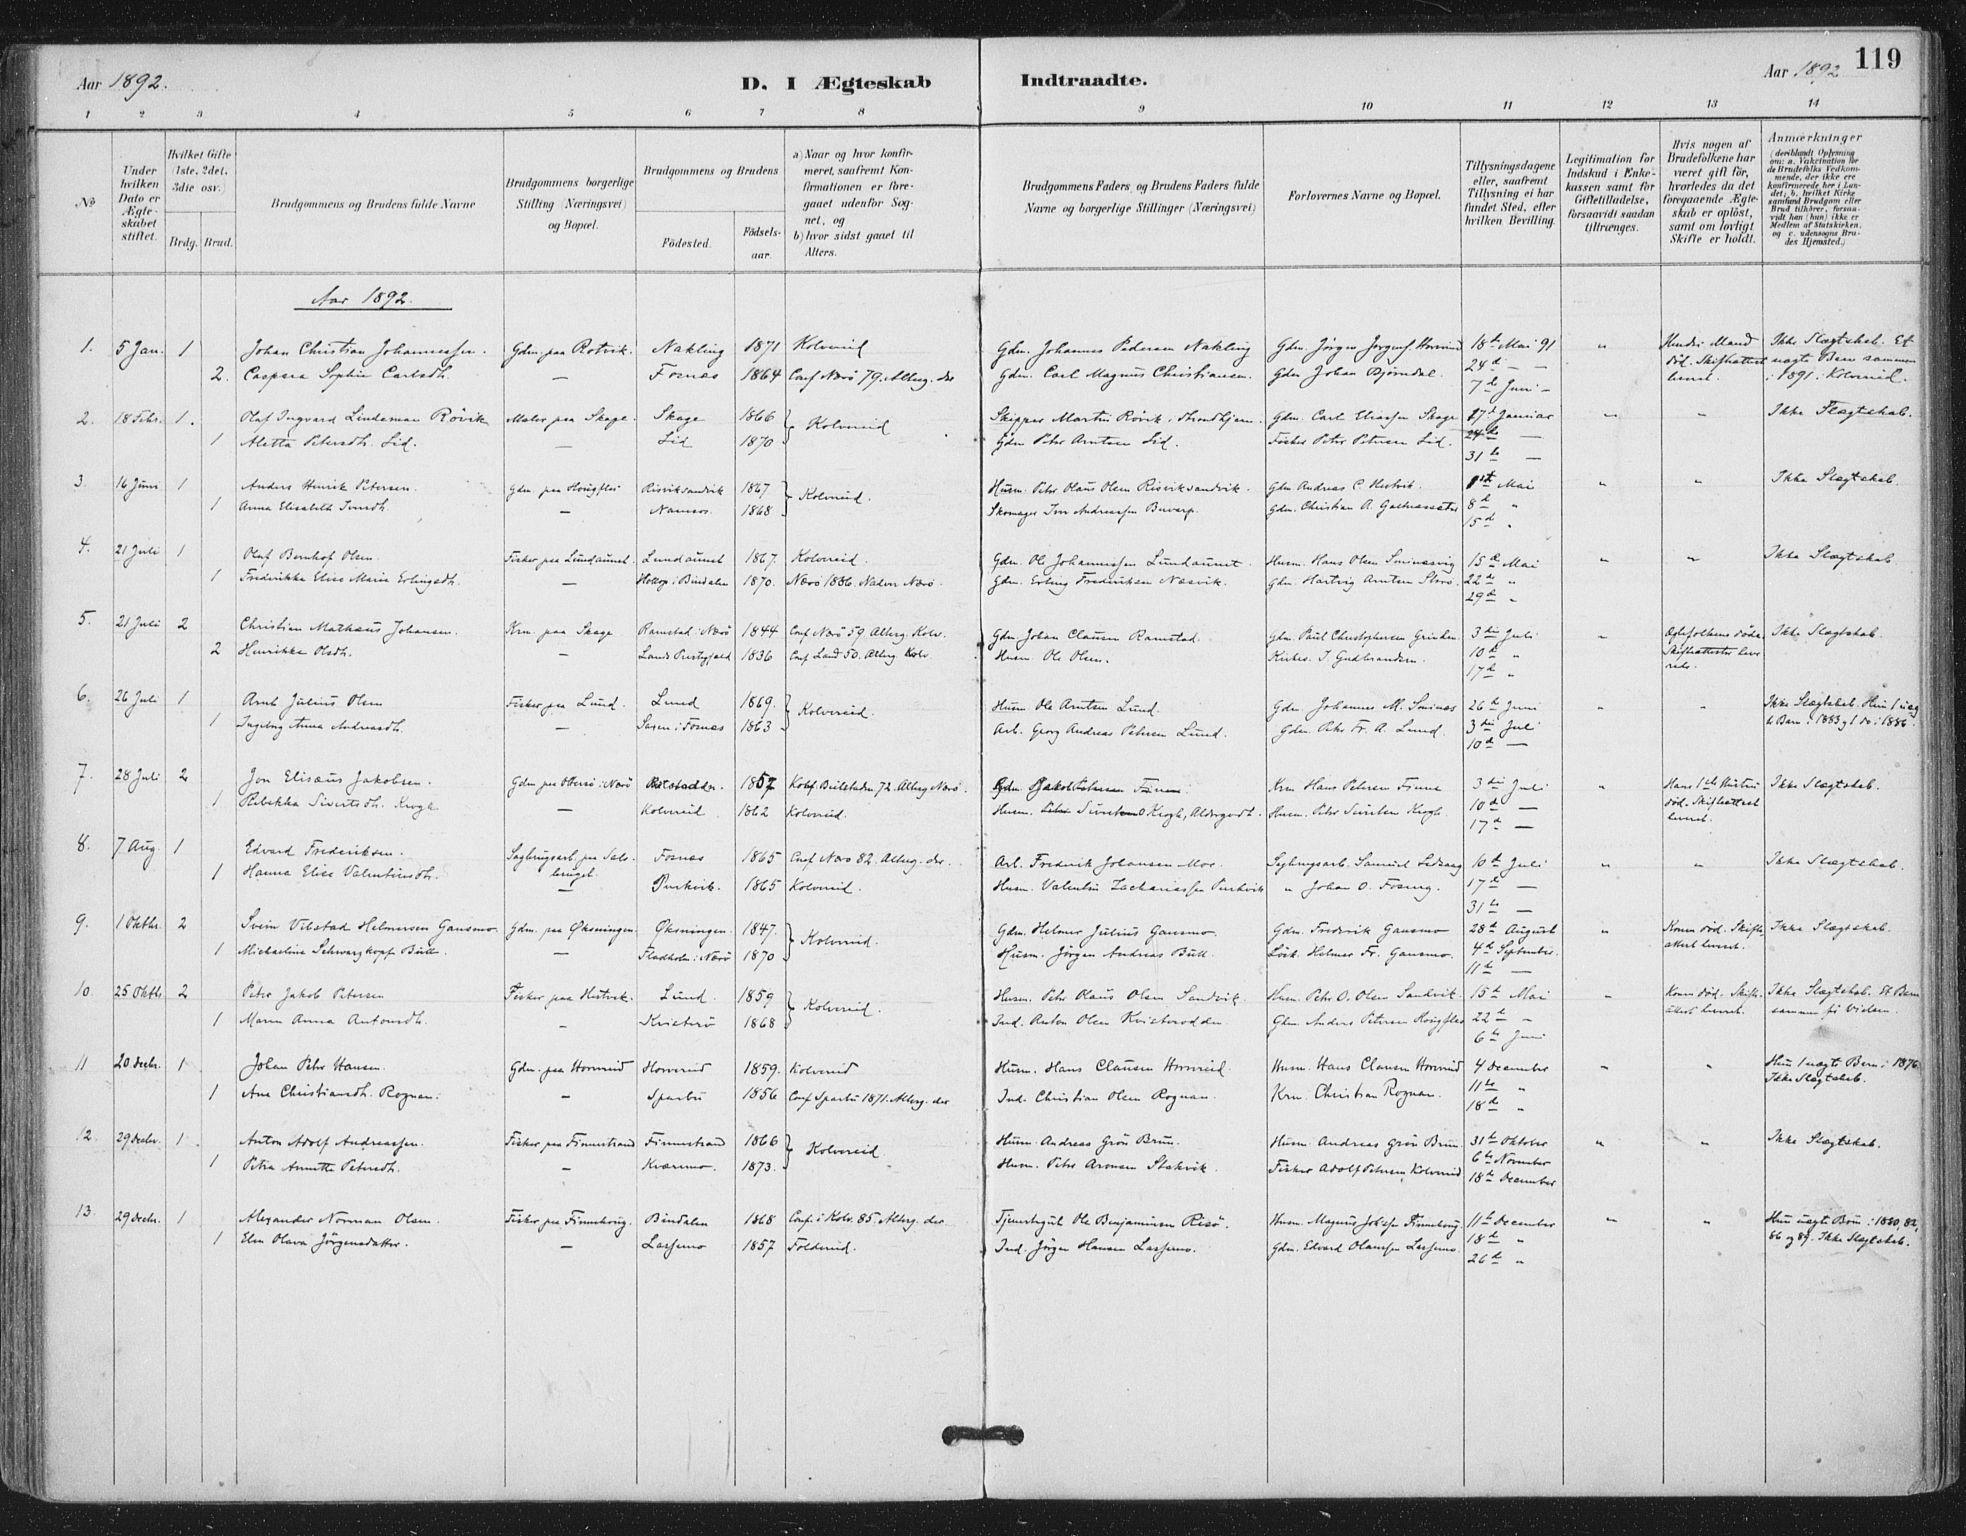 SAT, Ministerialprotokoller, klokkerbøker og fødselsregistre - Nord-Trøndelag, 780/L0644: Ministerialbok nr. 780A08, 1886-1903, s. 119